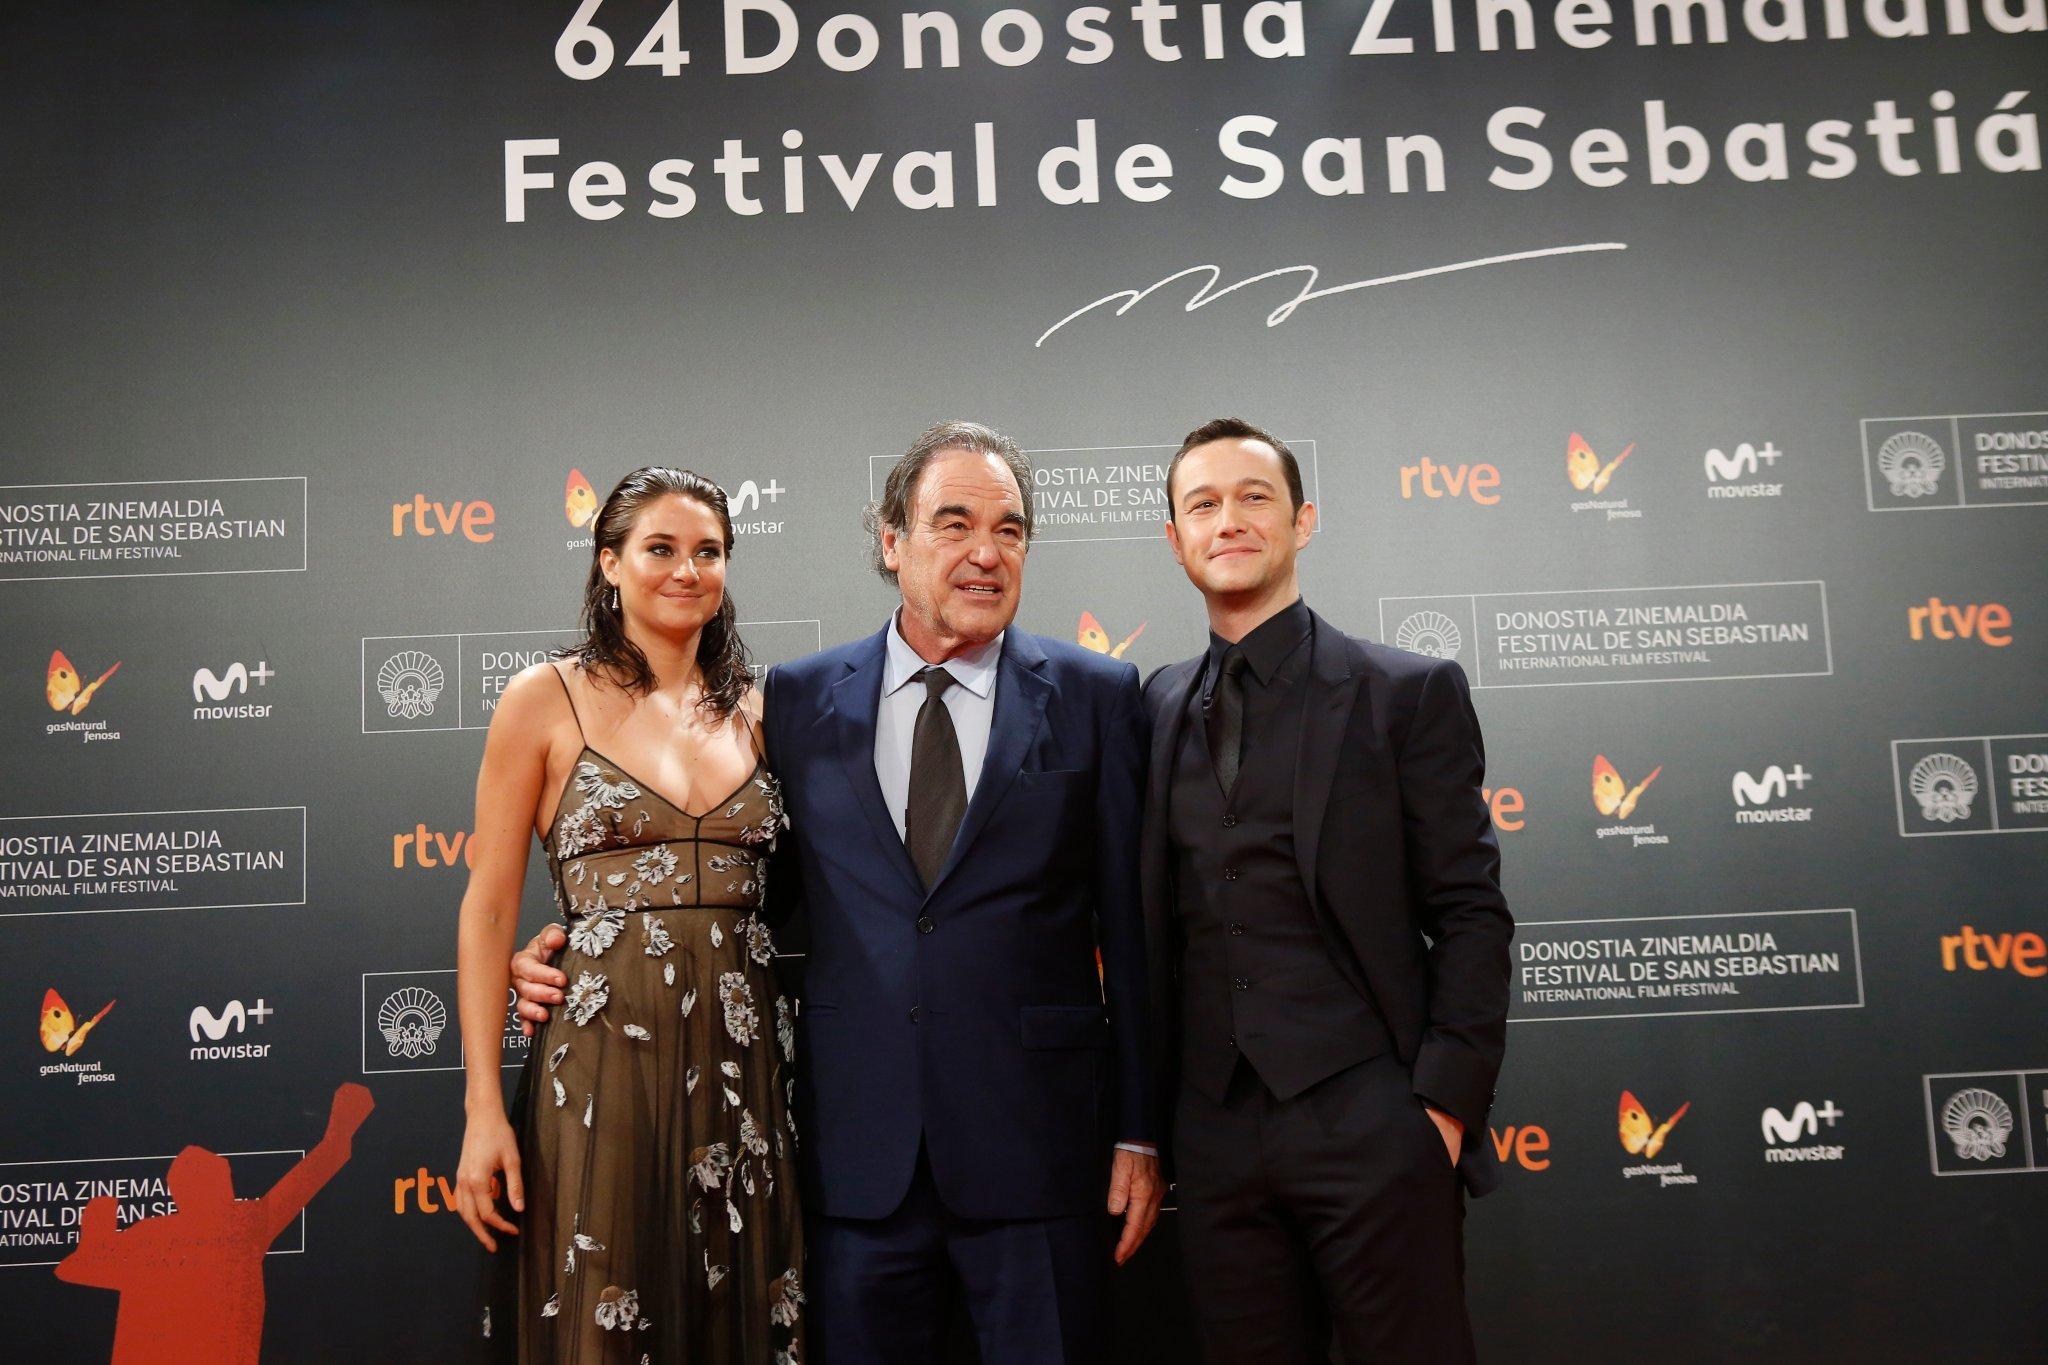 Foto de Las estrellas del Festival de San Sebastián 2016 (32/34)